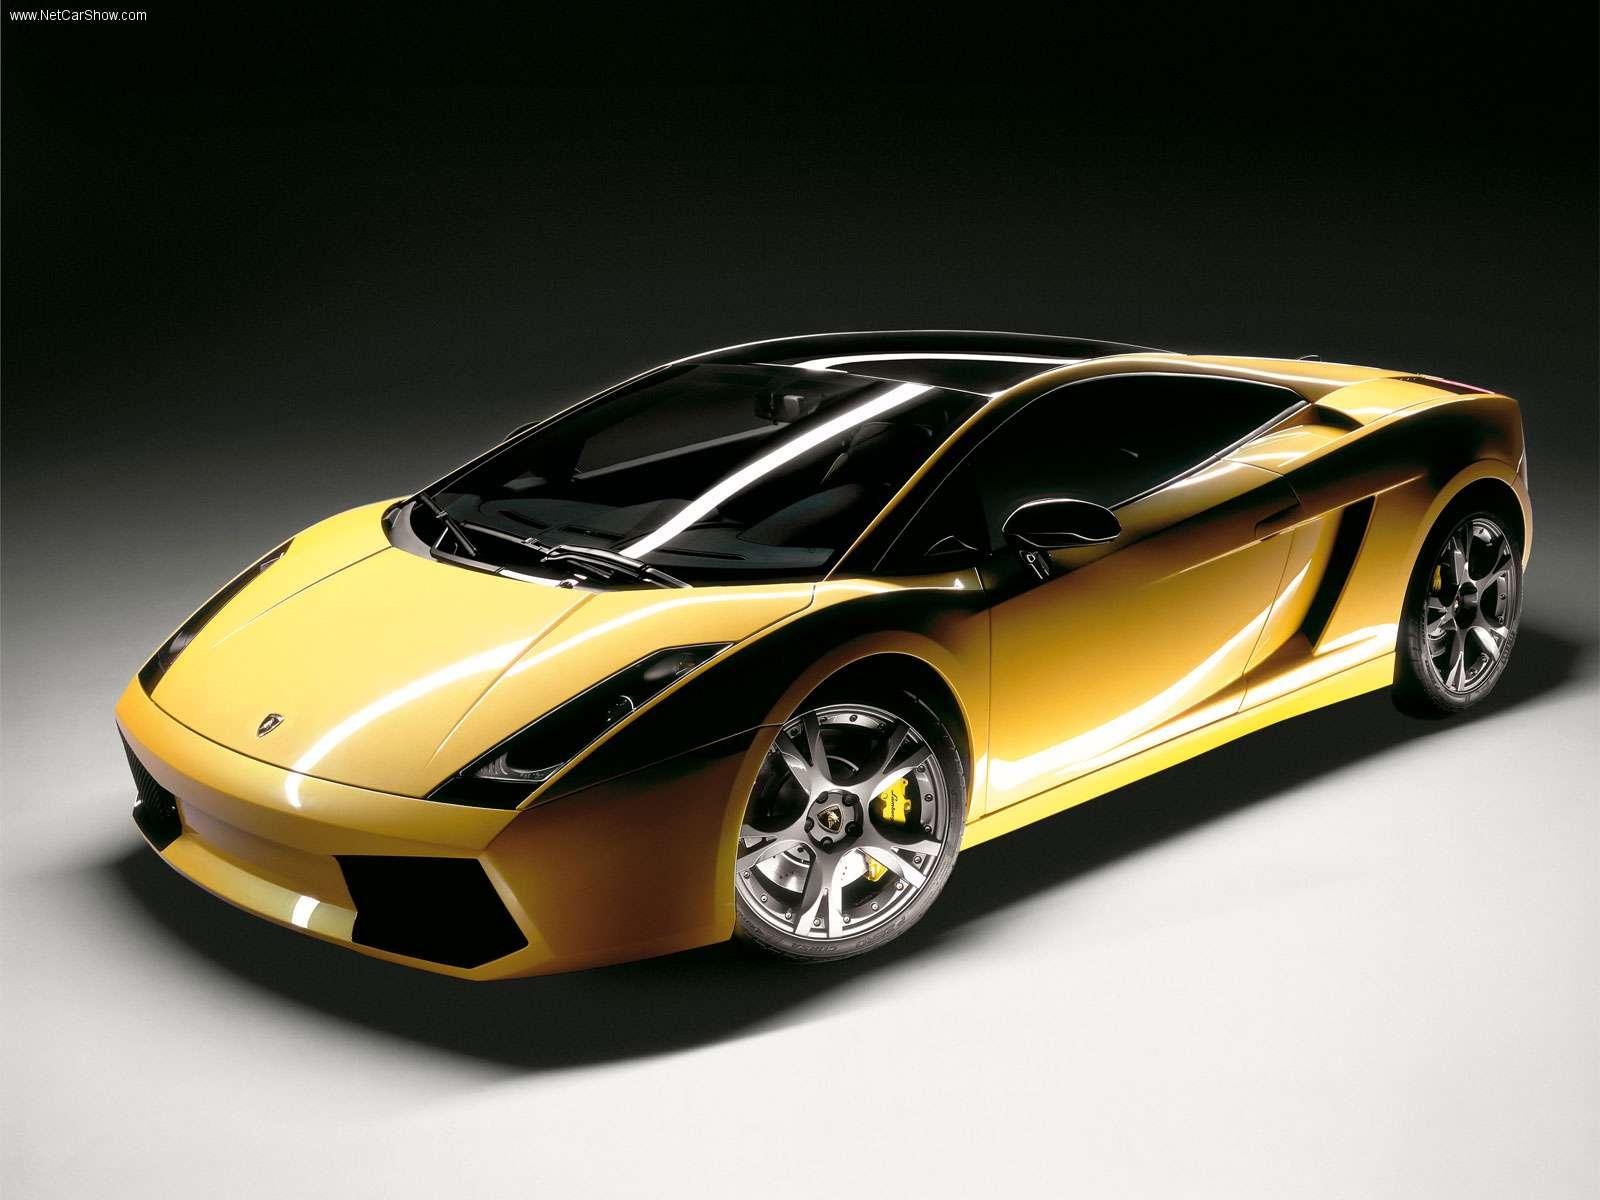 Hình ảnh siêu xe Lamborghini Gallardo SE 2005 & nội ngoại thất